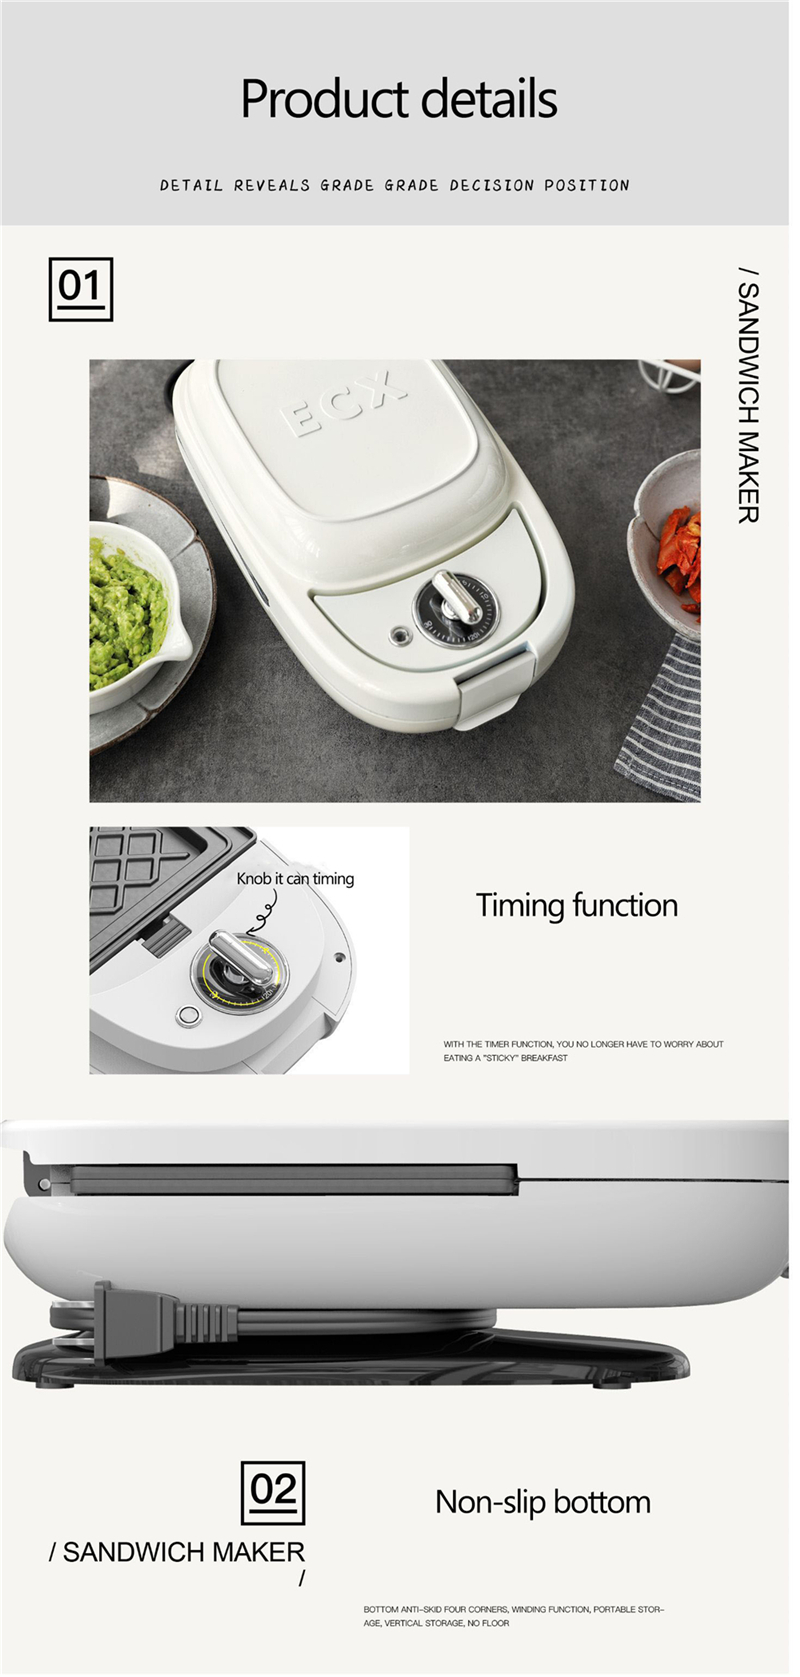 220 В многофункциональная машина для завтрака, мини-сэндвич-машина, двухсторонняя греющая вафельница с антипригарным покрытием, может быть приурочена